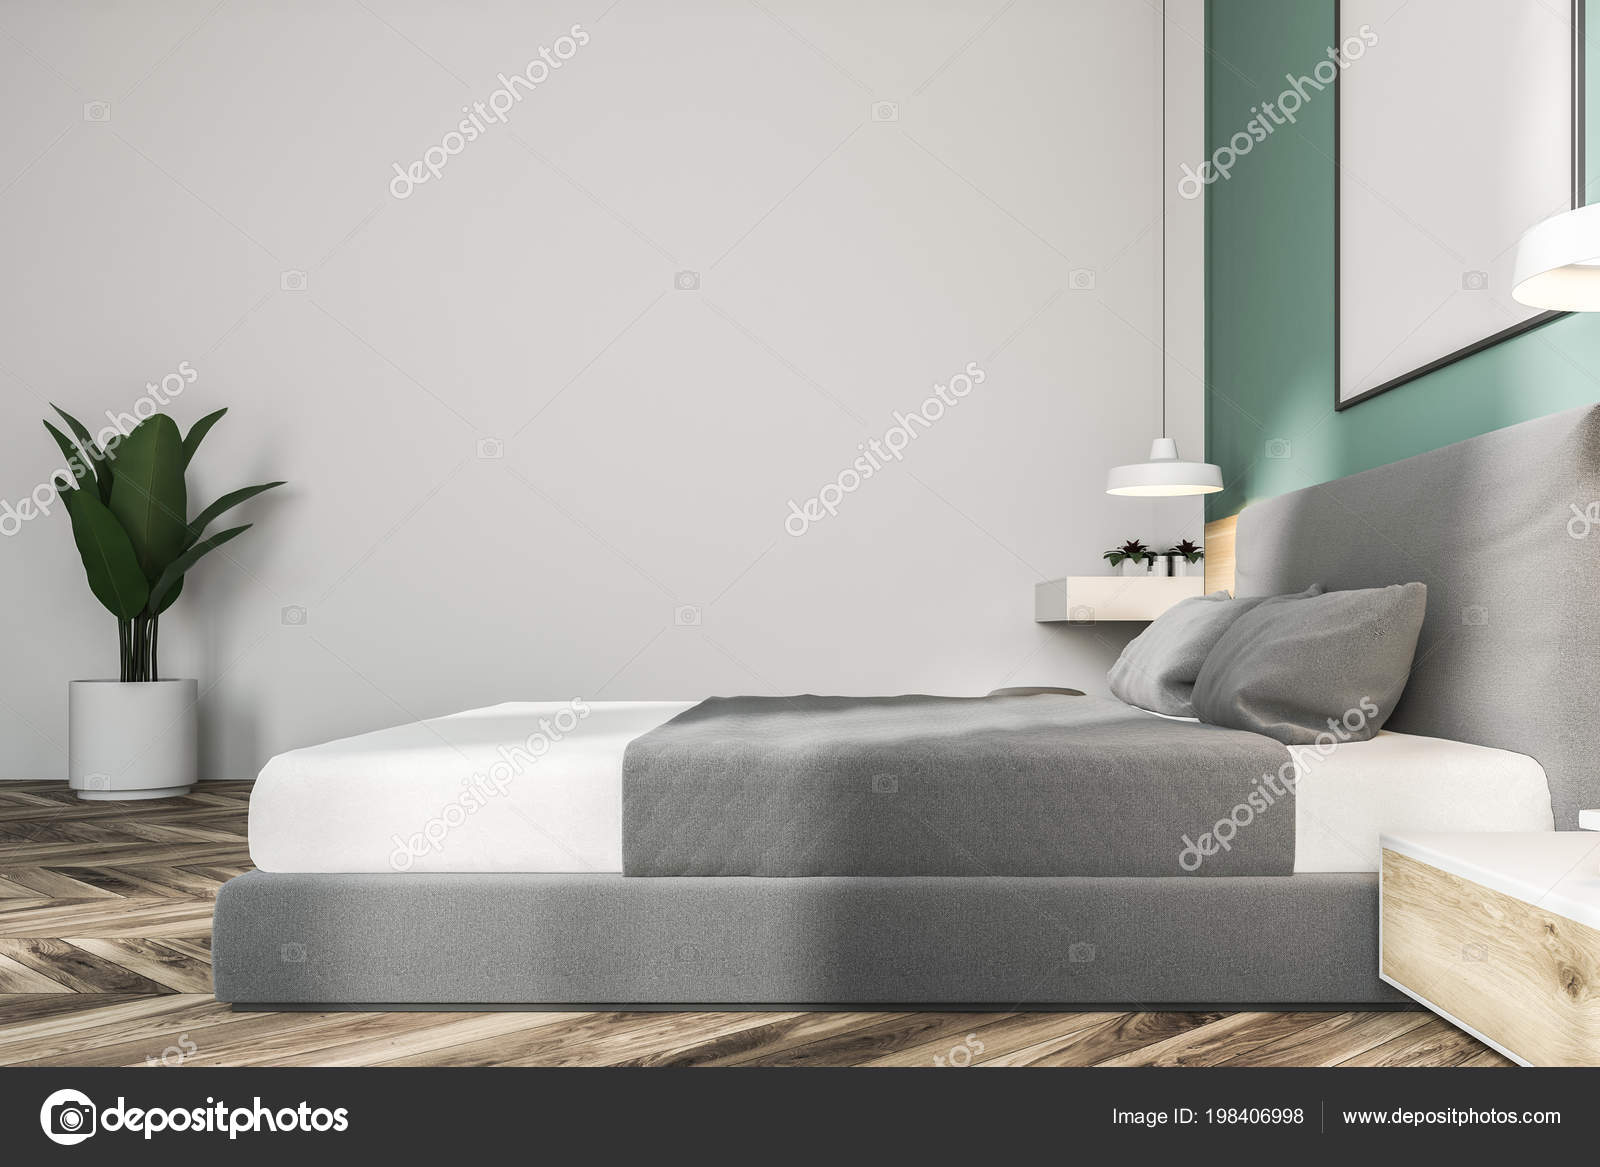 Interieur Chambre Coucher Blanc Vert Avec Plancher Bois Lit King